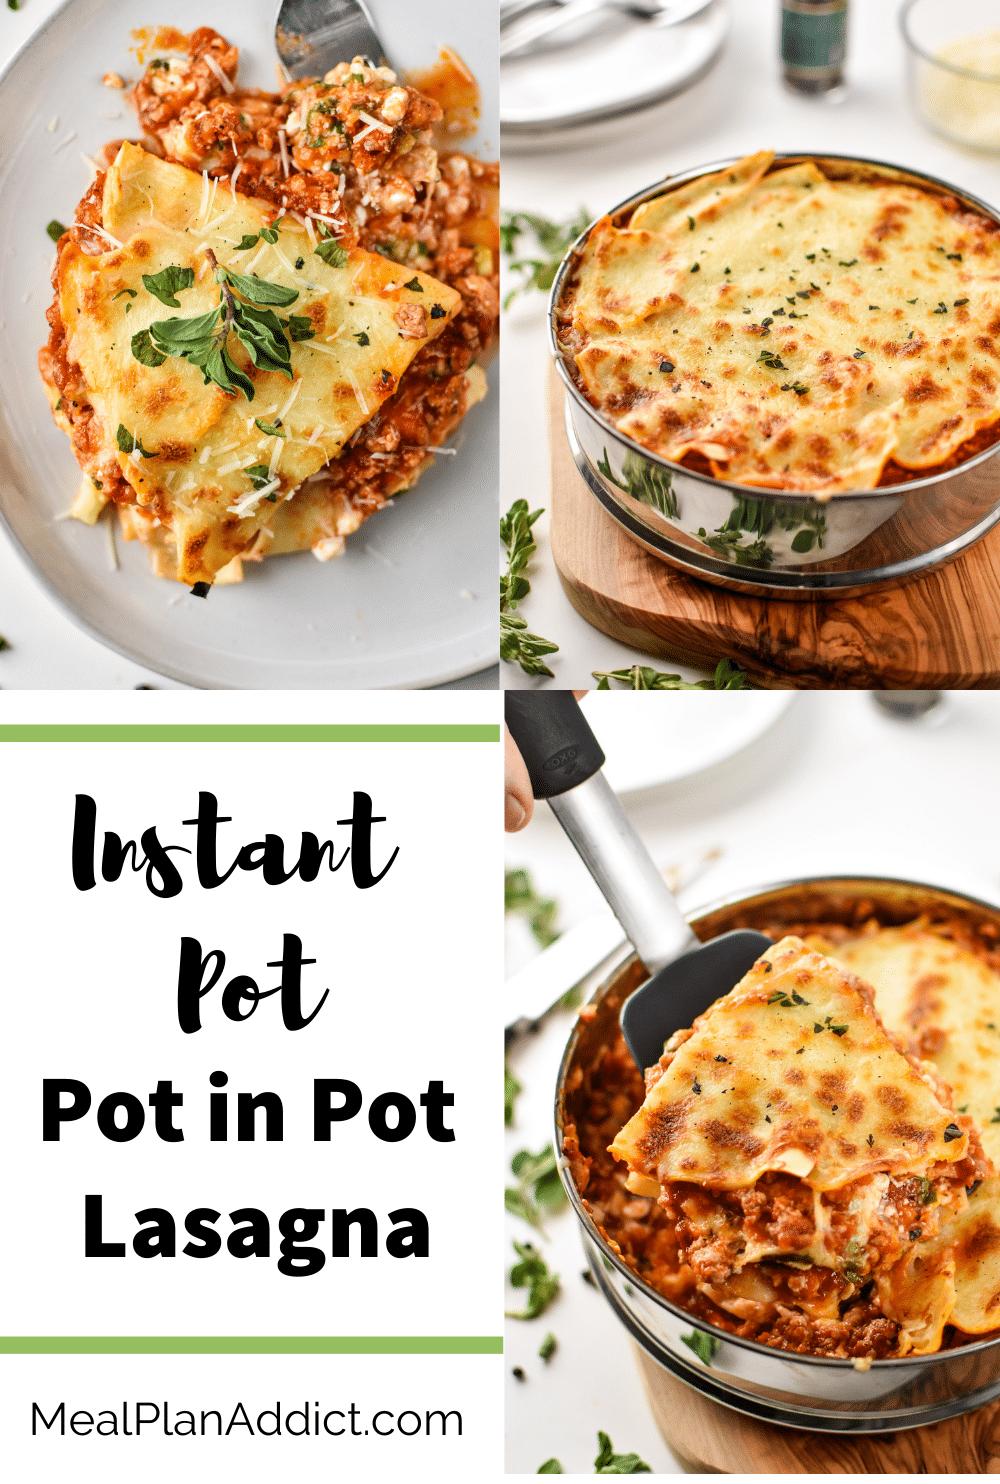 Instant Pot Lasagna {Pot in Pot method}